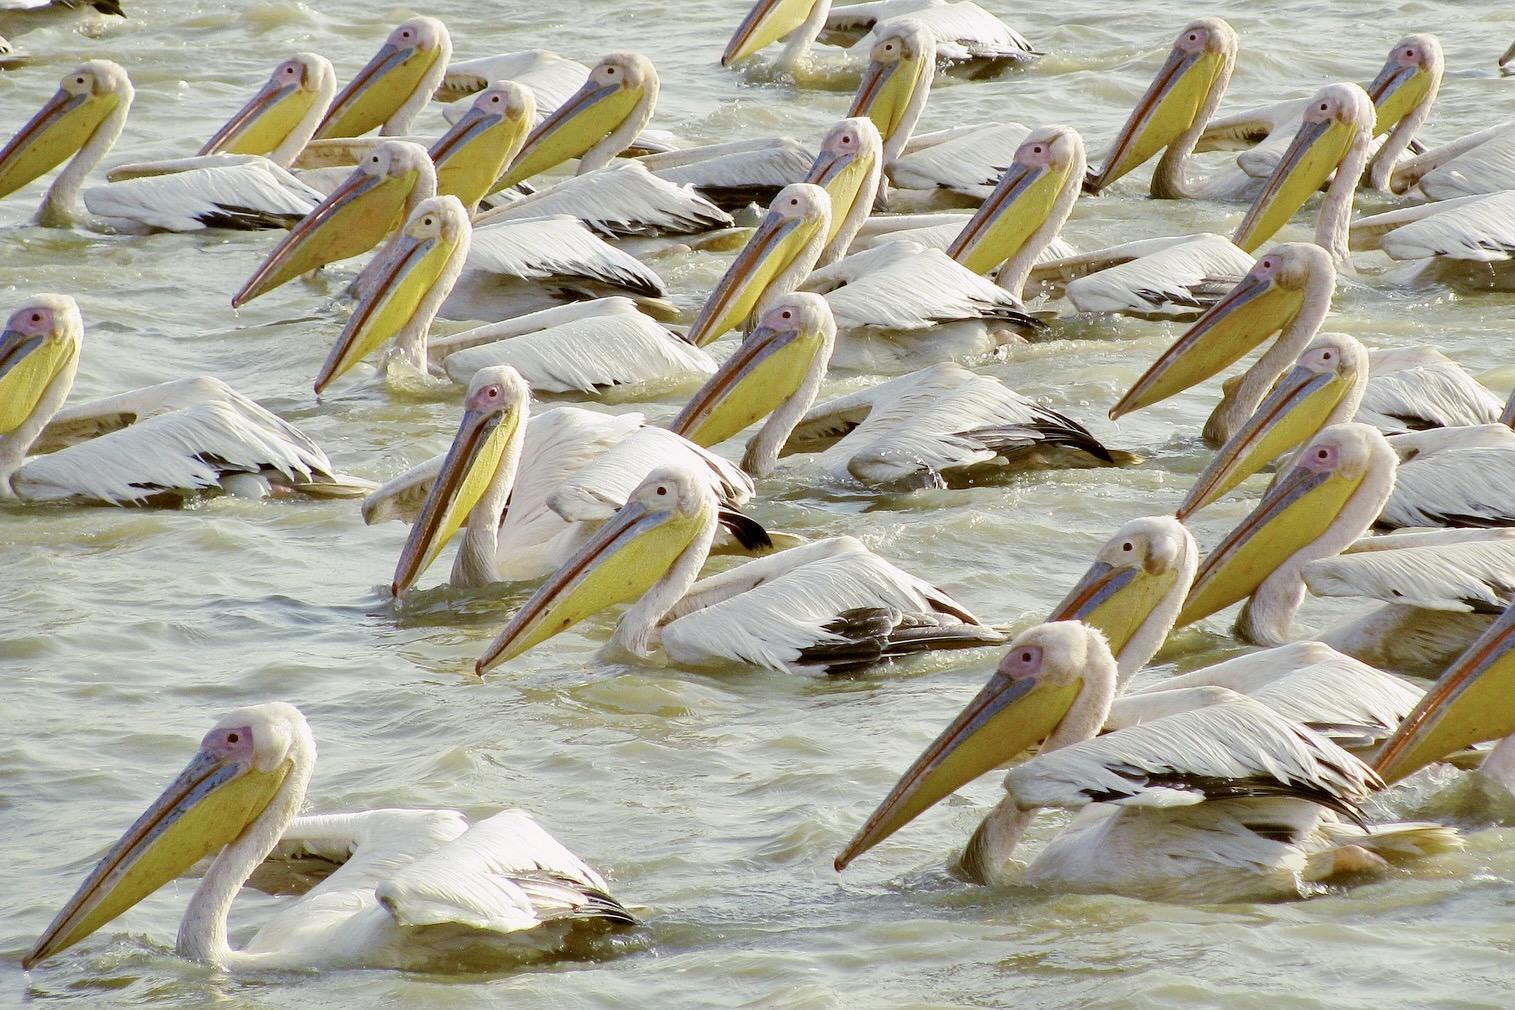 Der Nationalpark Djoudj gehört mit seinen Vögeln zu den besten Senegal Sehenswürdigkeiten